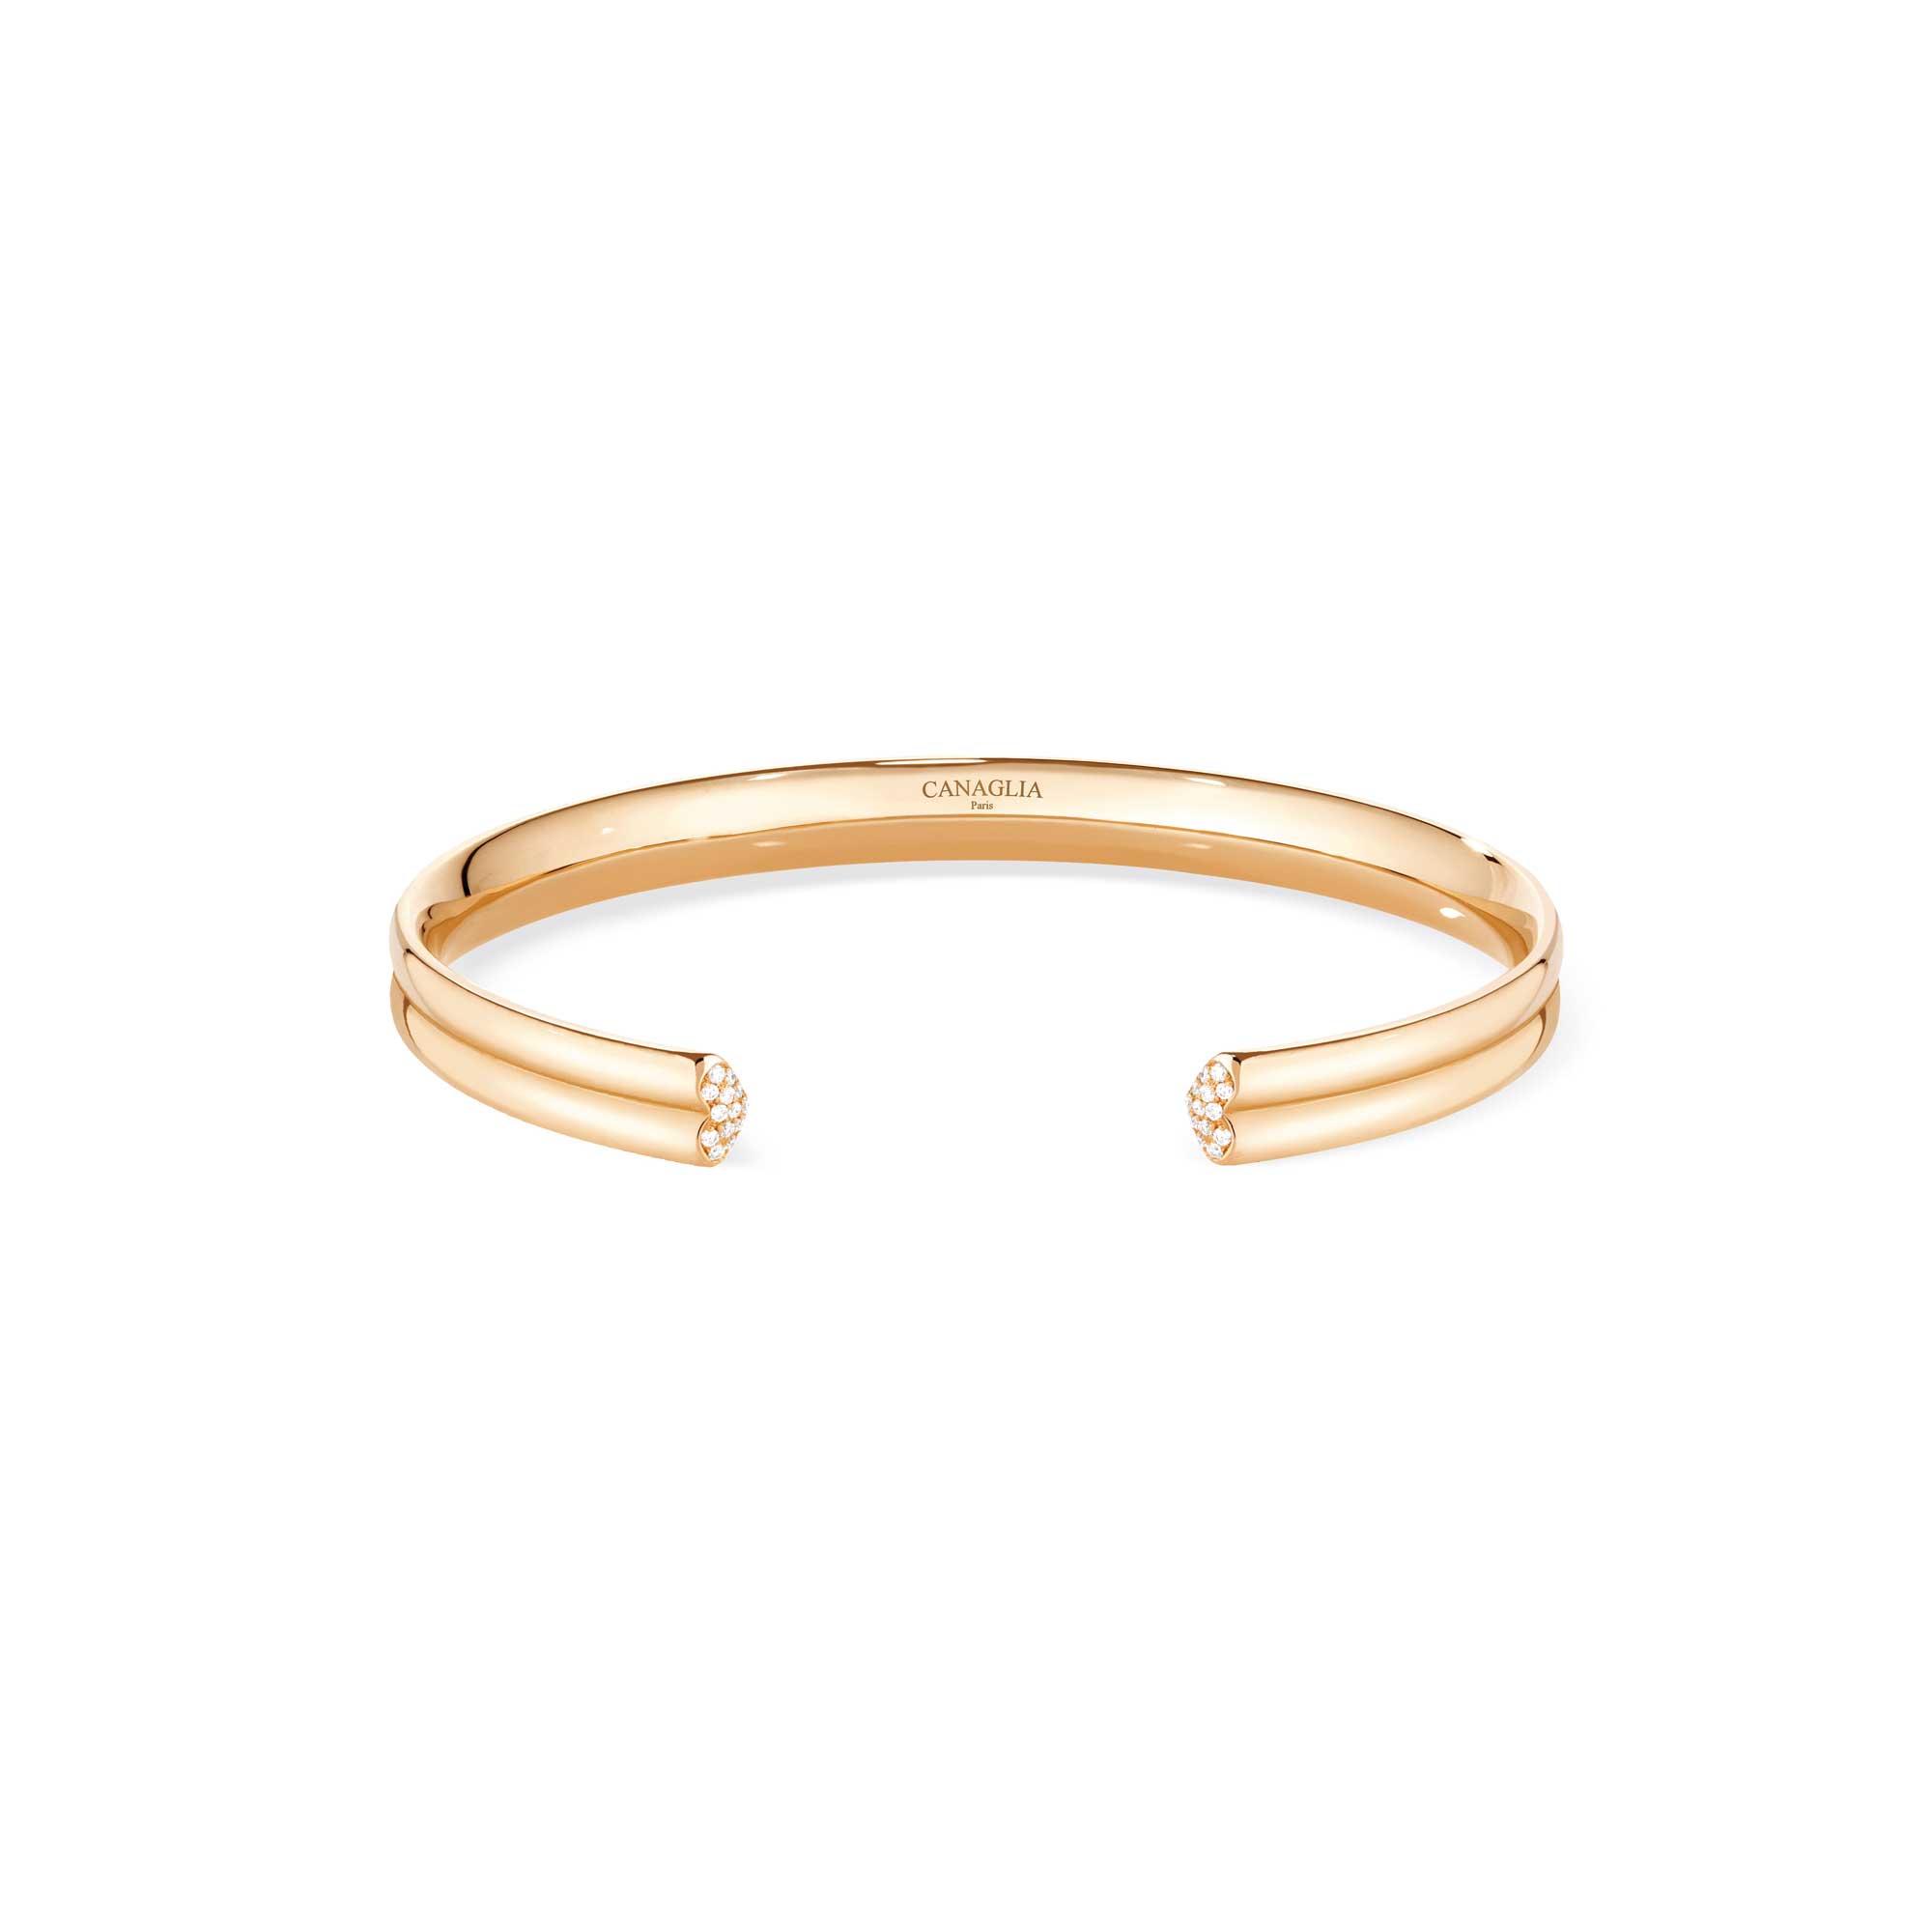 Bracciale coeur in oro rosa con pavé di diamanti - gioielleria Canaglia Paris-Milan